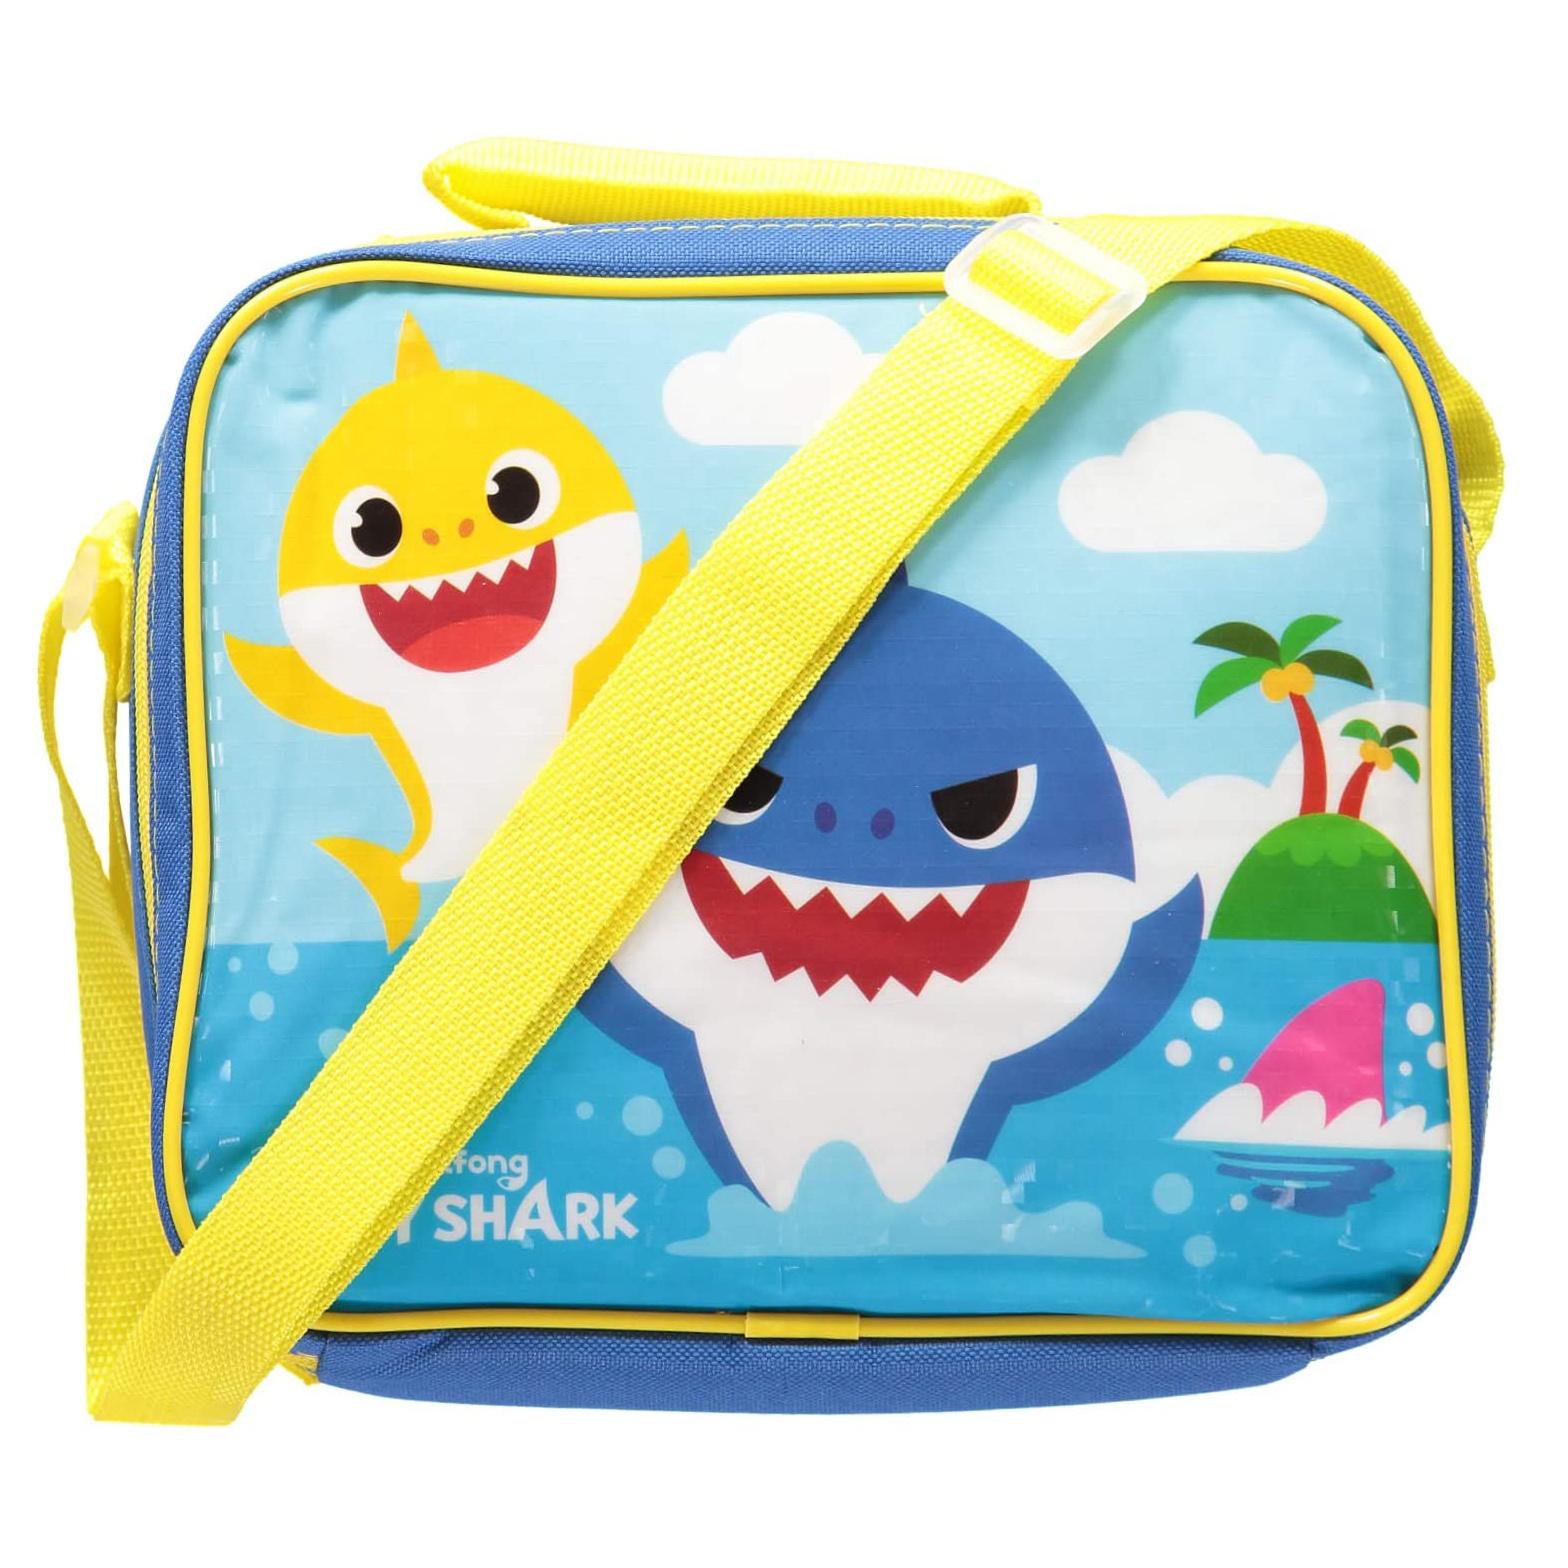 Pink Fong Baby Shark School Supplies Lunch Box